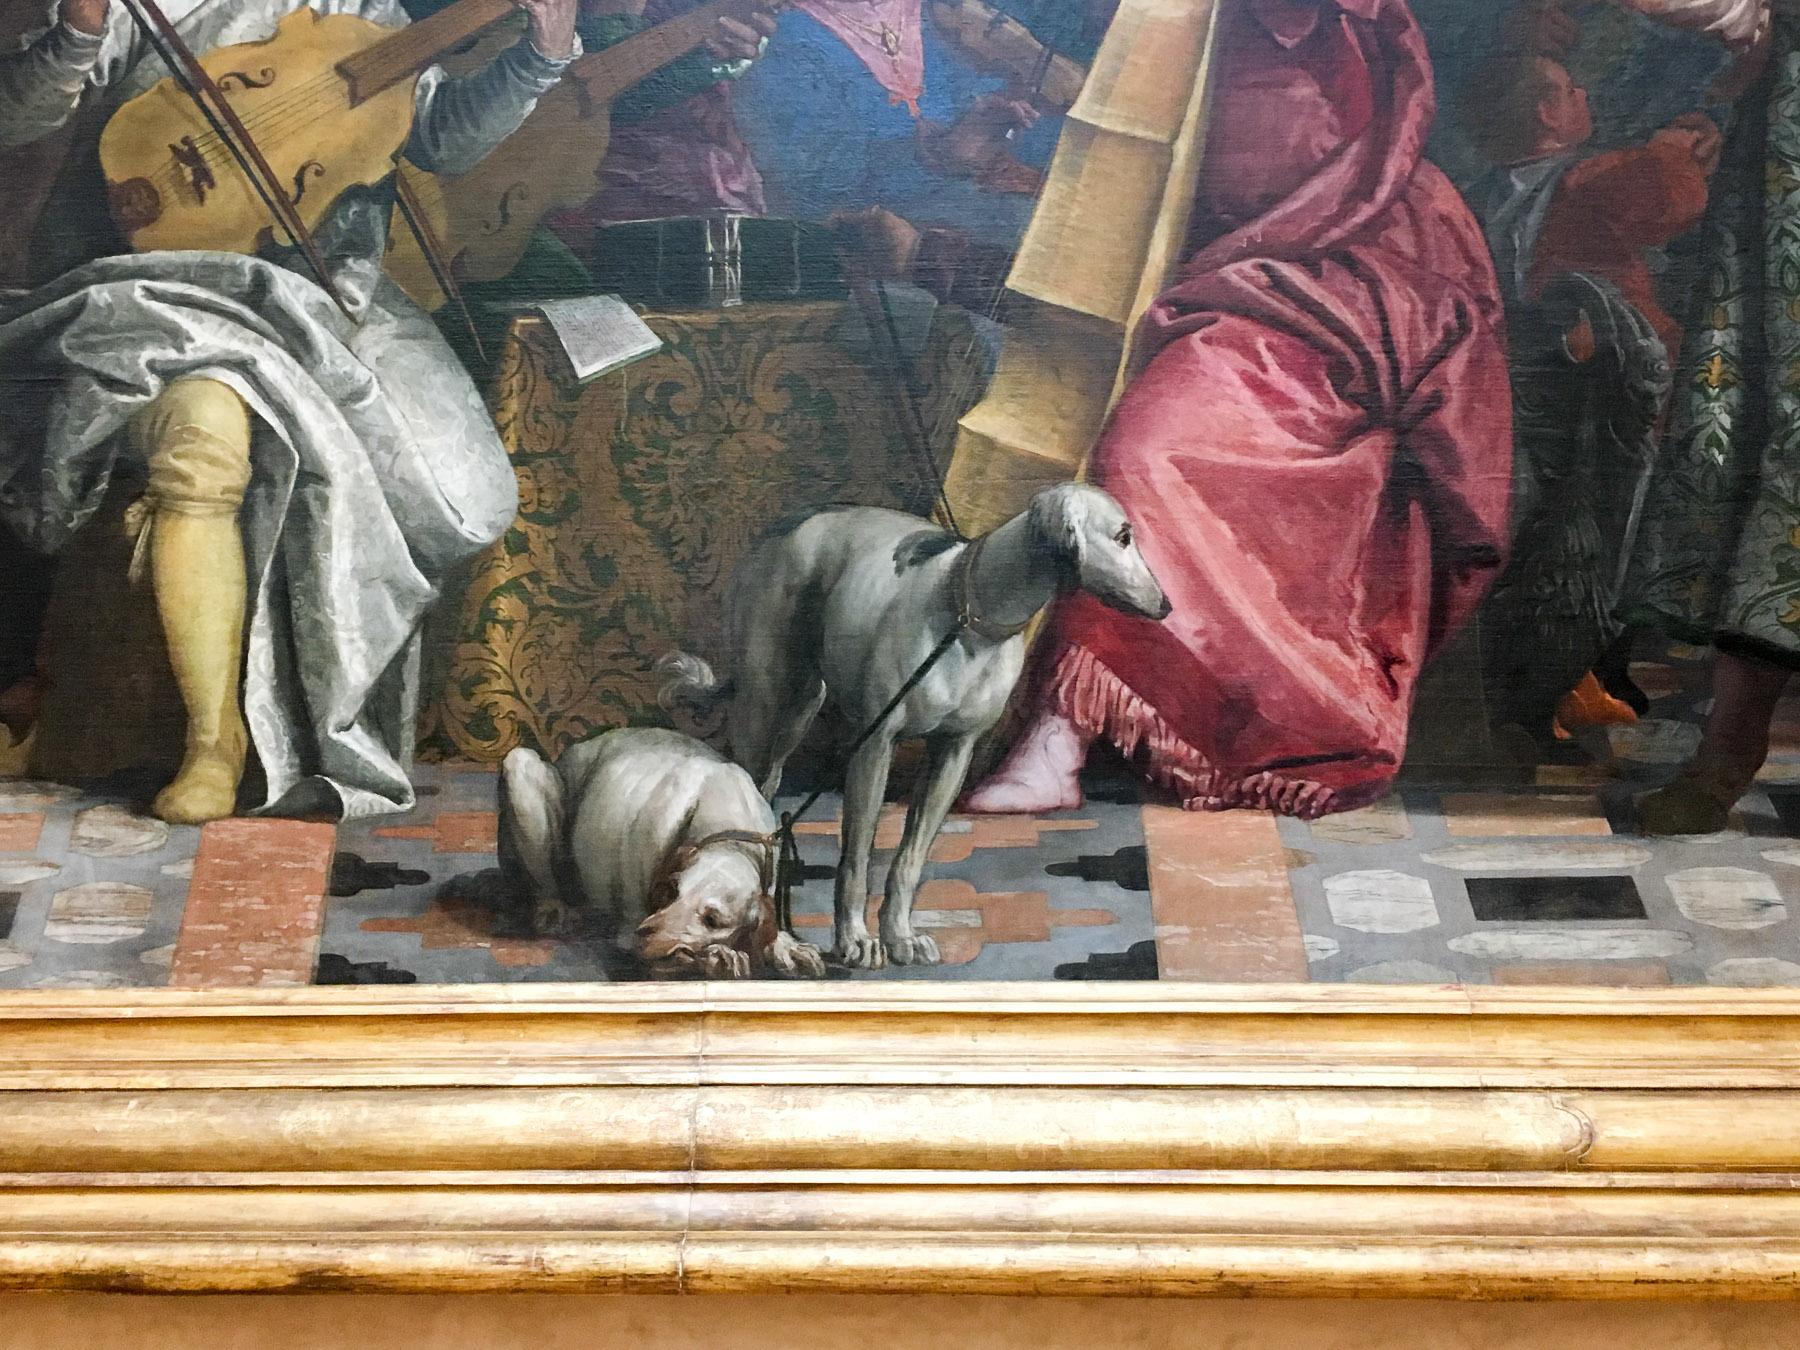 DAP - I like art with dogs - -8551.jpg